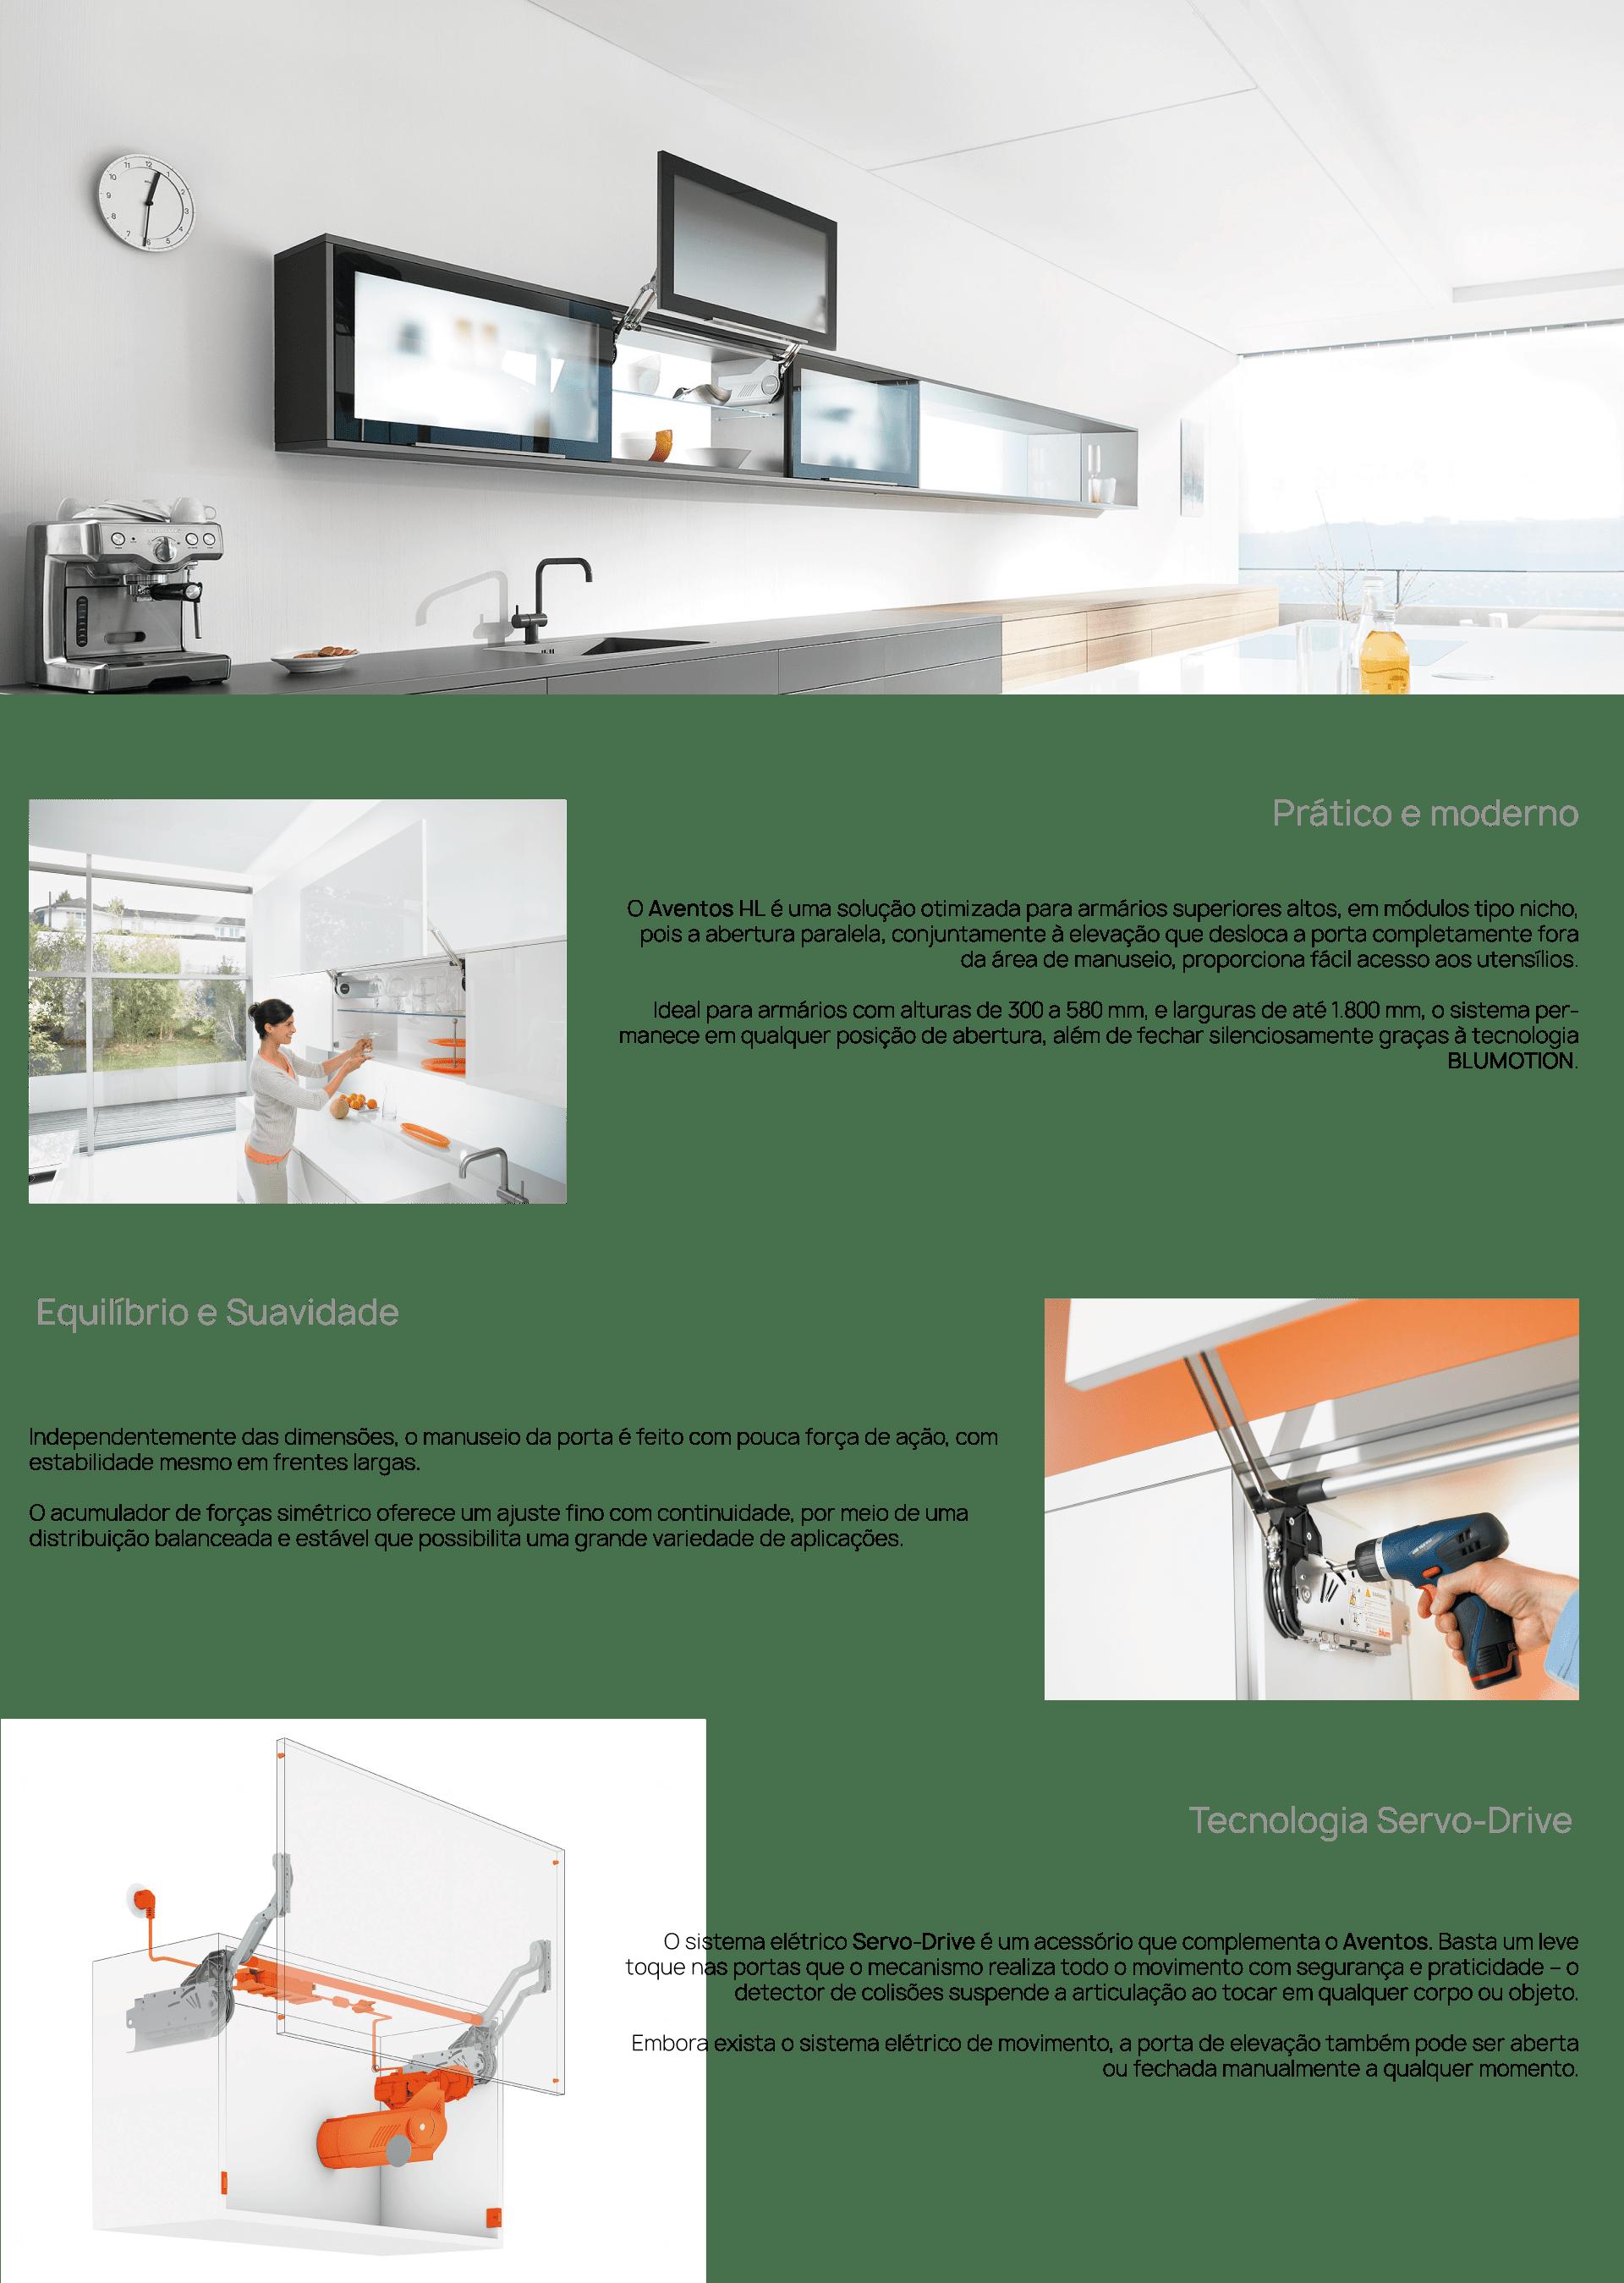 O Aventos HL Servo-Drive é uma solução otimizada para armários superiores altos, em módulos tipo nicho, pois a abertura paralela, conjuntamente à elevação que desloca a porta completamente fora da área de manuseio, proporciona fácil acesso aos utensílios.